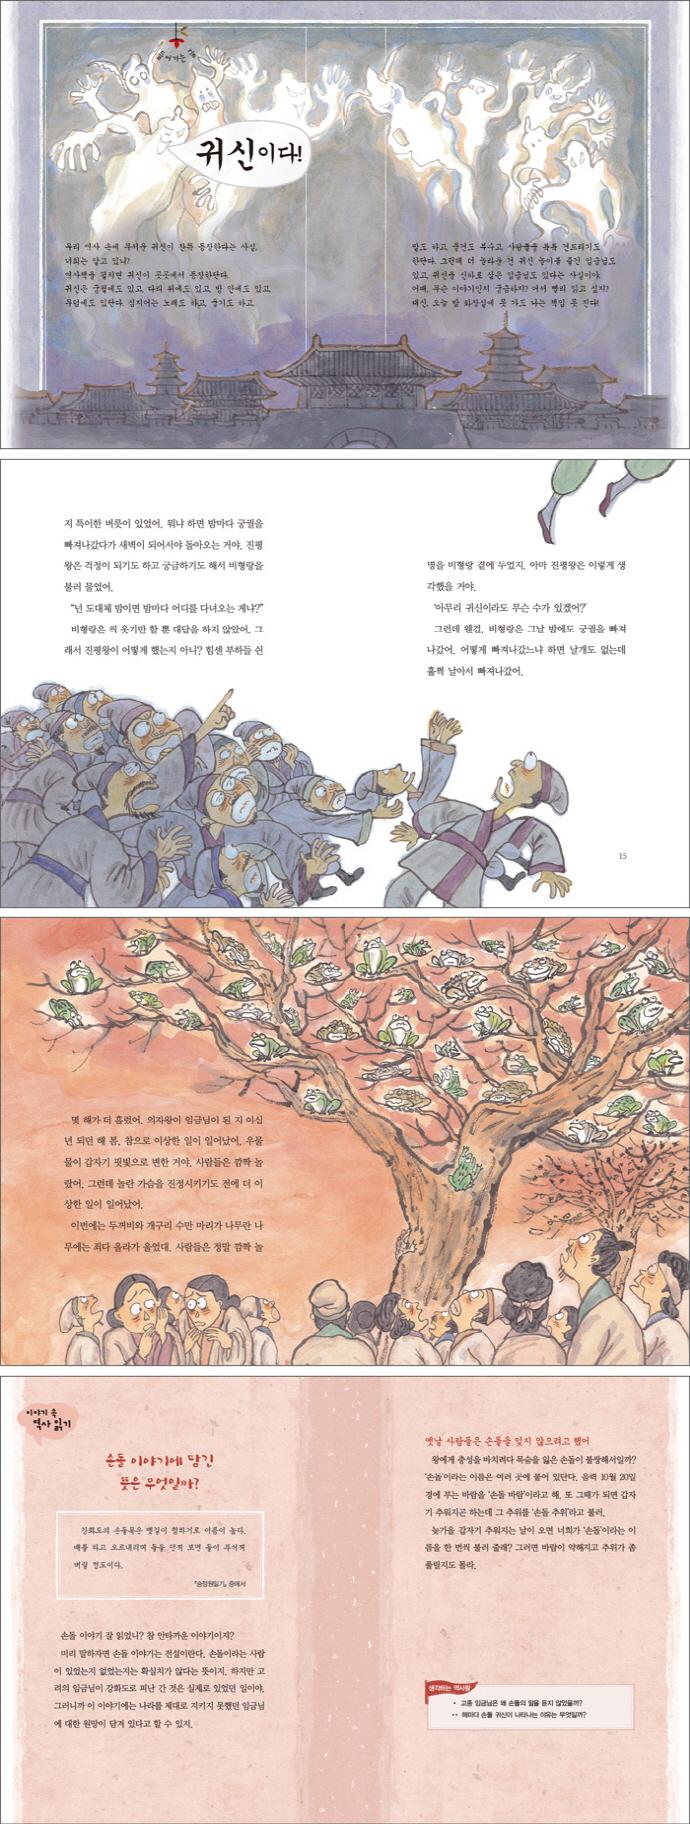 역사 속 귀신 이야기(무섭지만 자꾸 듣고 싶은)(이야기 역사왕 5) 도서 상세이미지